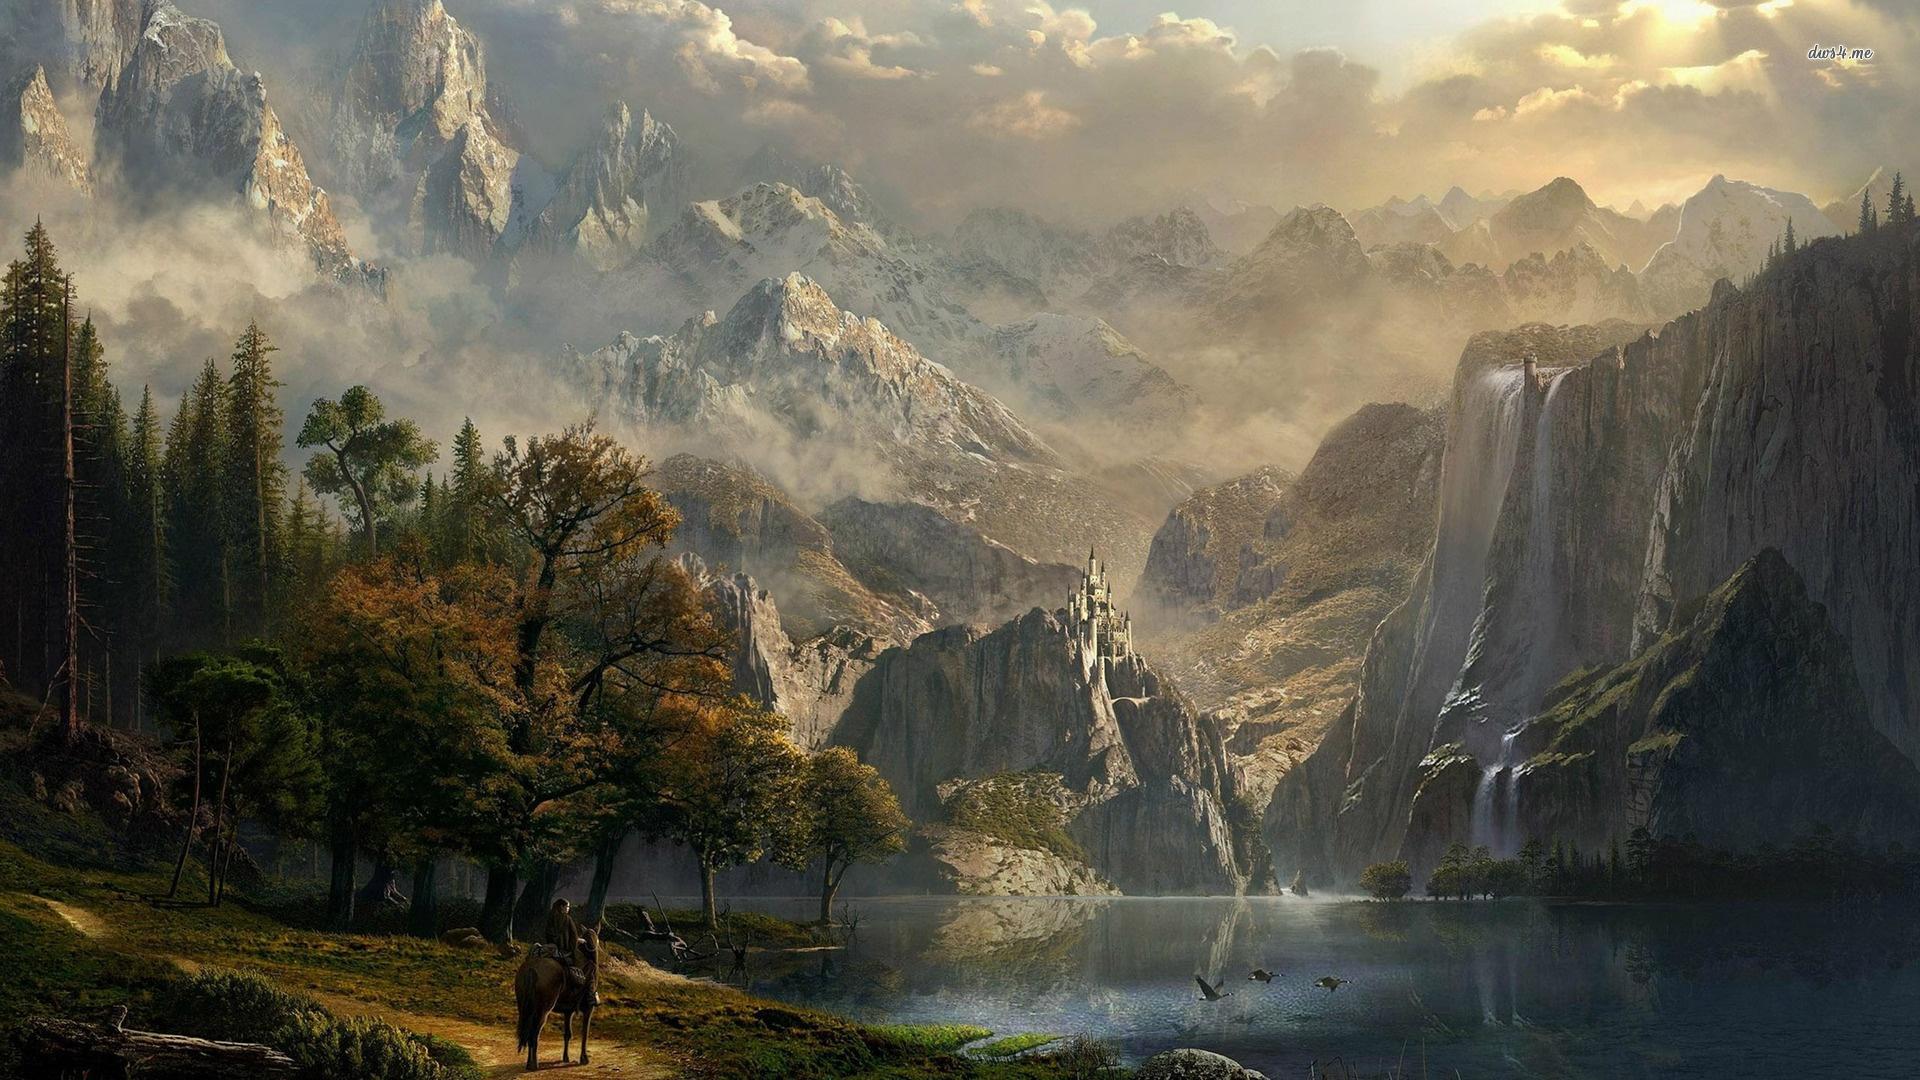 Fantasy Landsсape full hd 1080p wallpaper